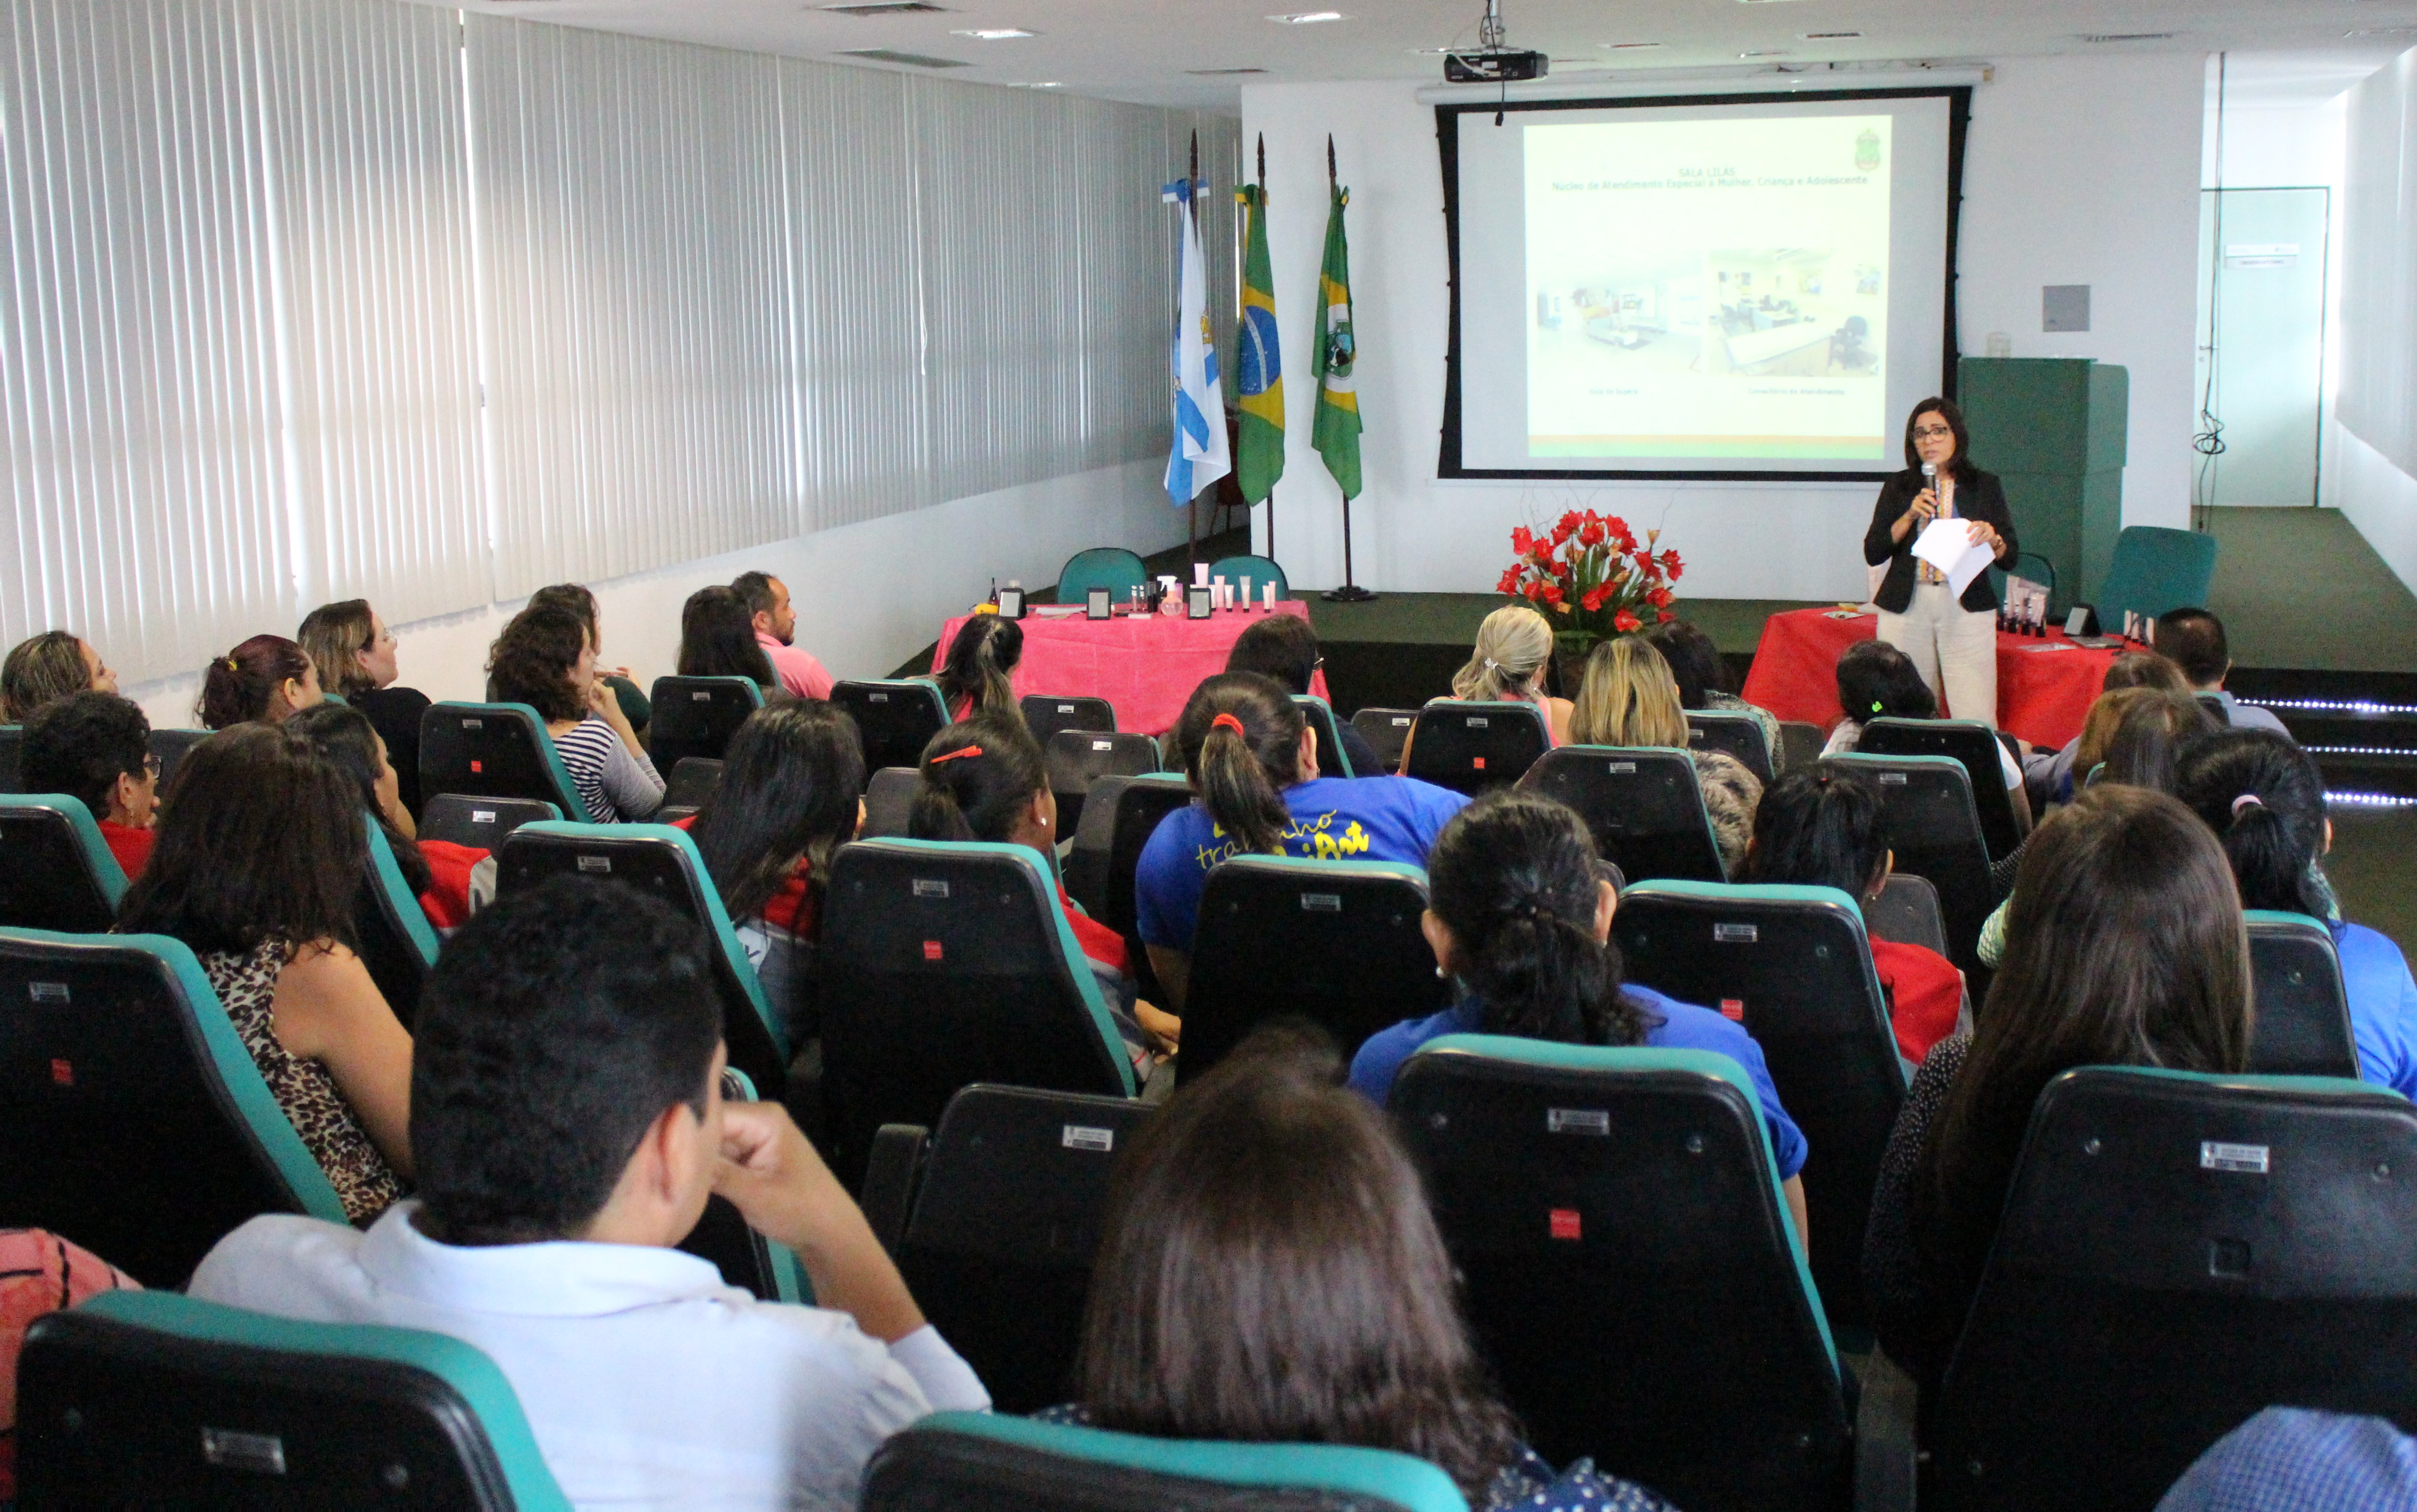 Pefoce celebra o Dia da Mulher com palestra sobre a 'violência contra a mulher' e momento de beleza